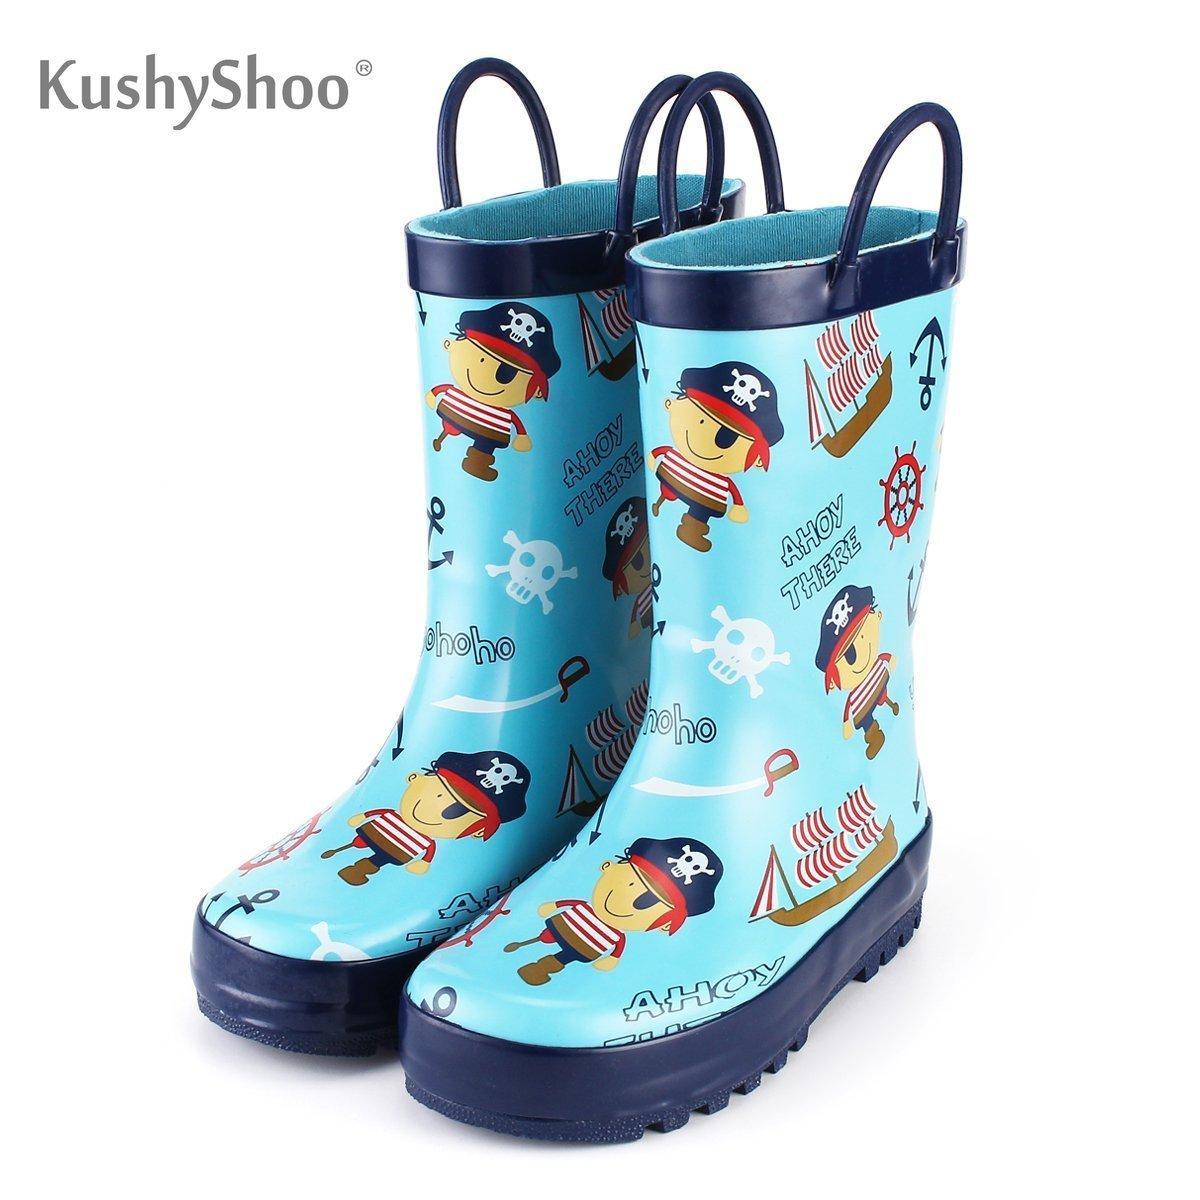 Kushyshoo enfants caoutchouc dessin animé pirate pirate imprimé bambin raides pour garçons bottes de pluie bébé chaussures d'eau